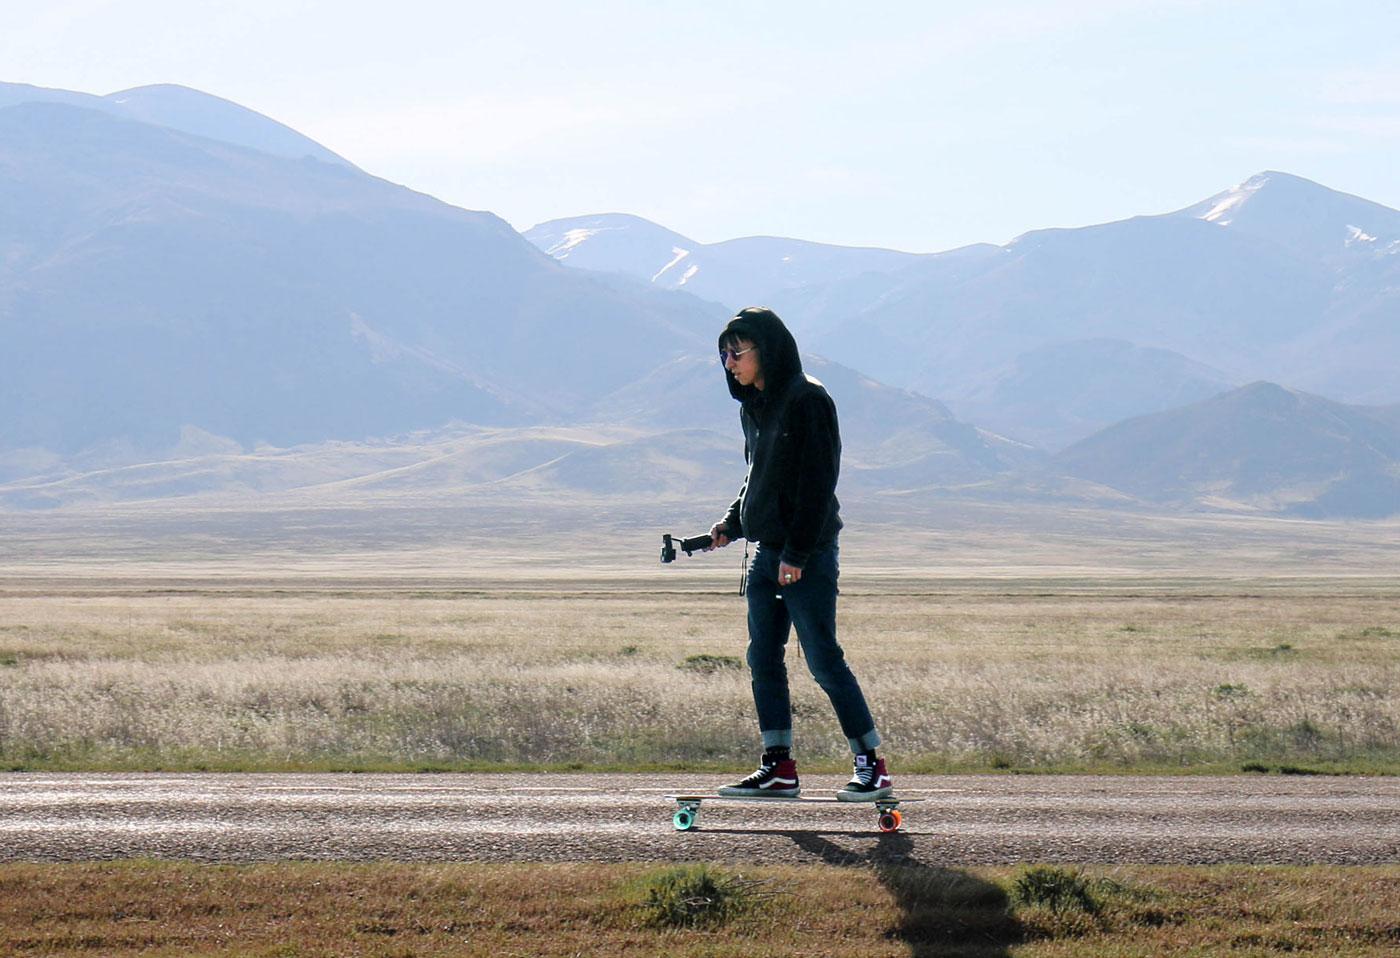 Sebastian Dean shooting video in the Nevada desert